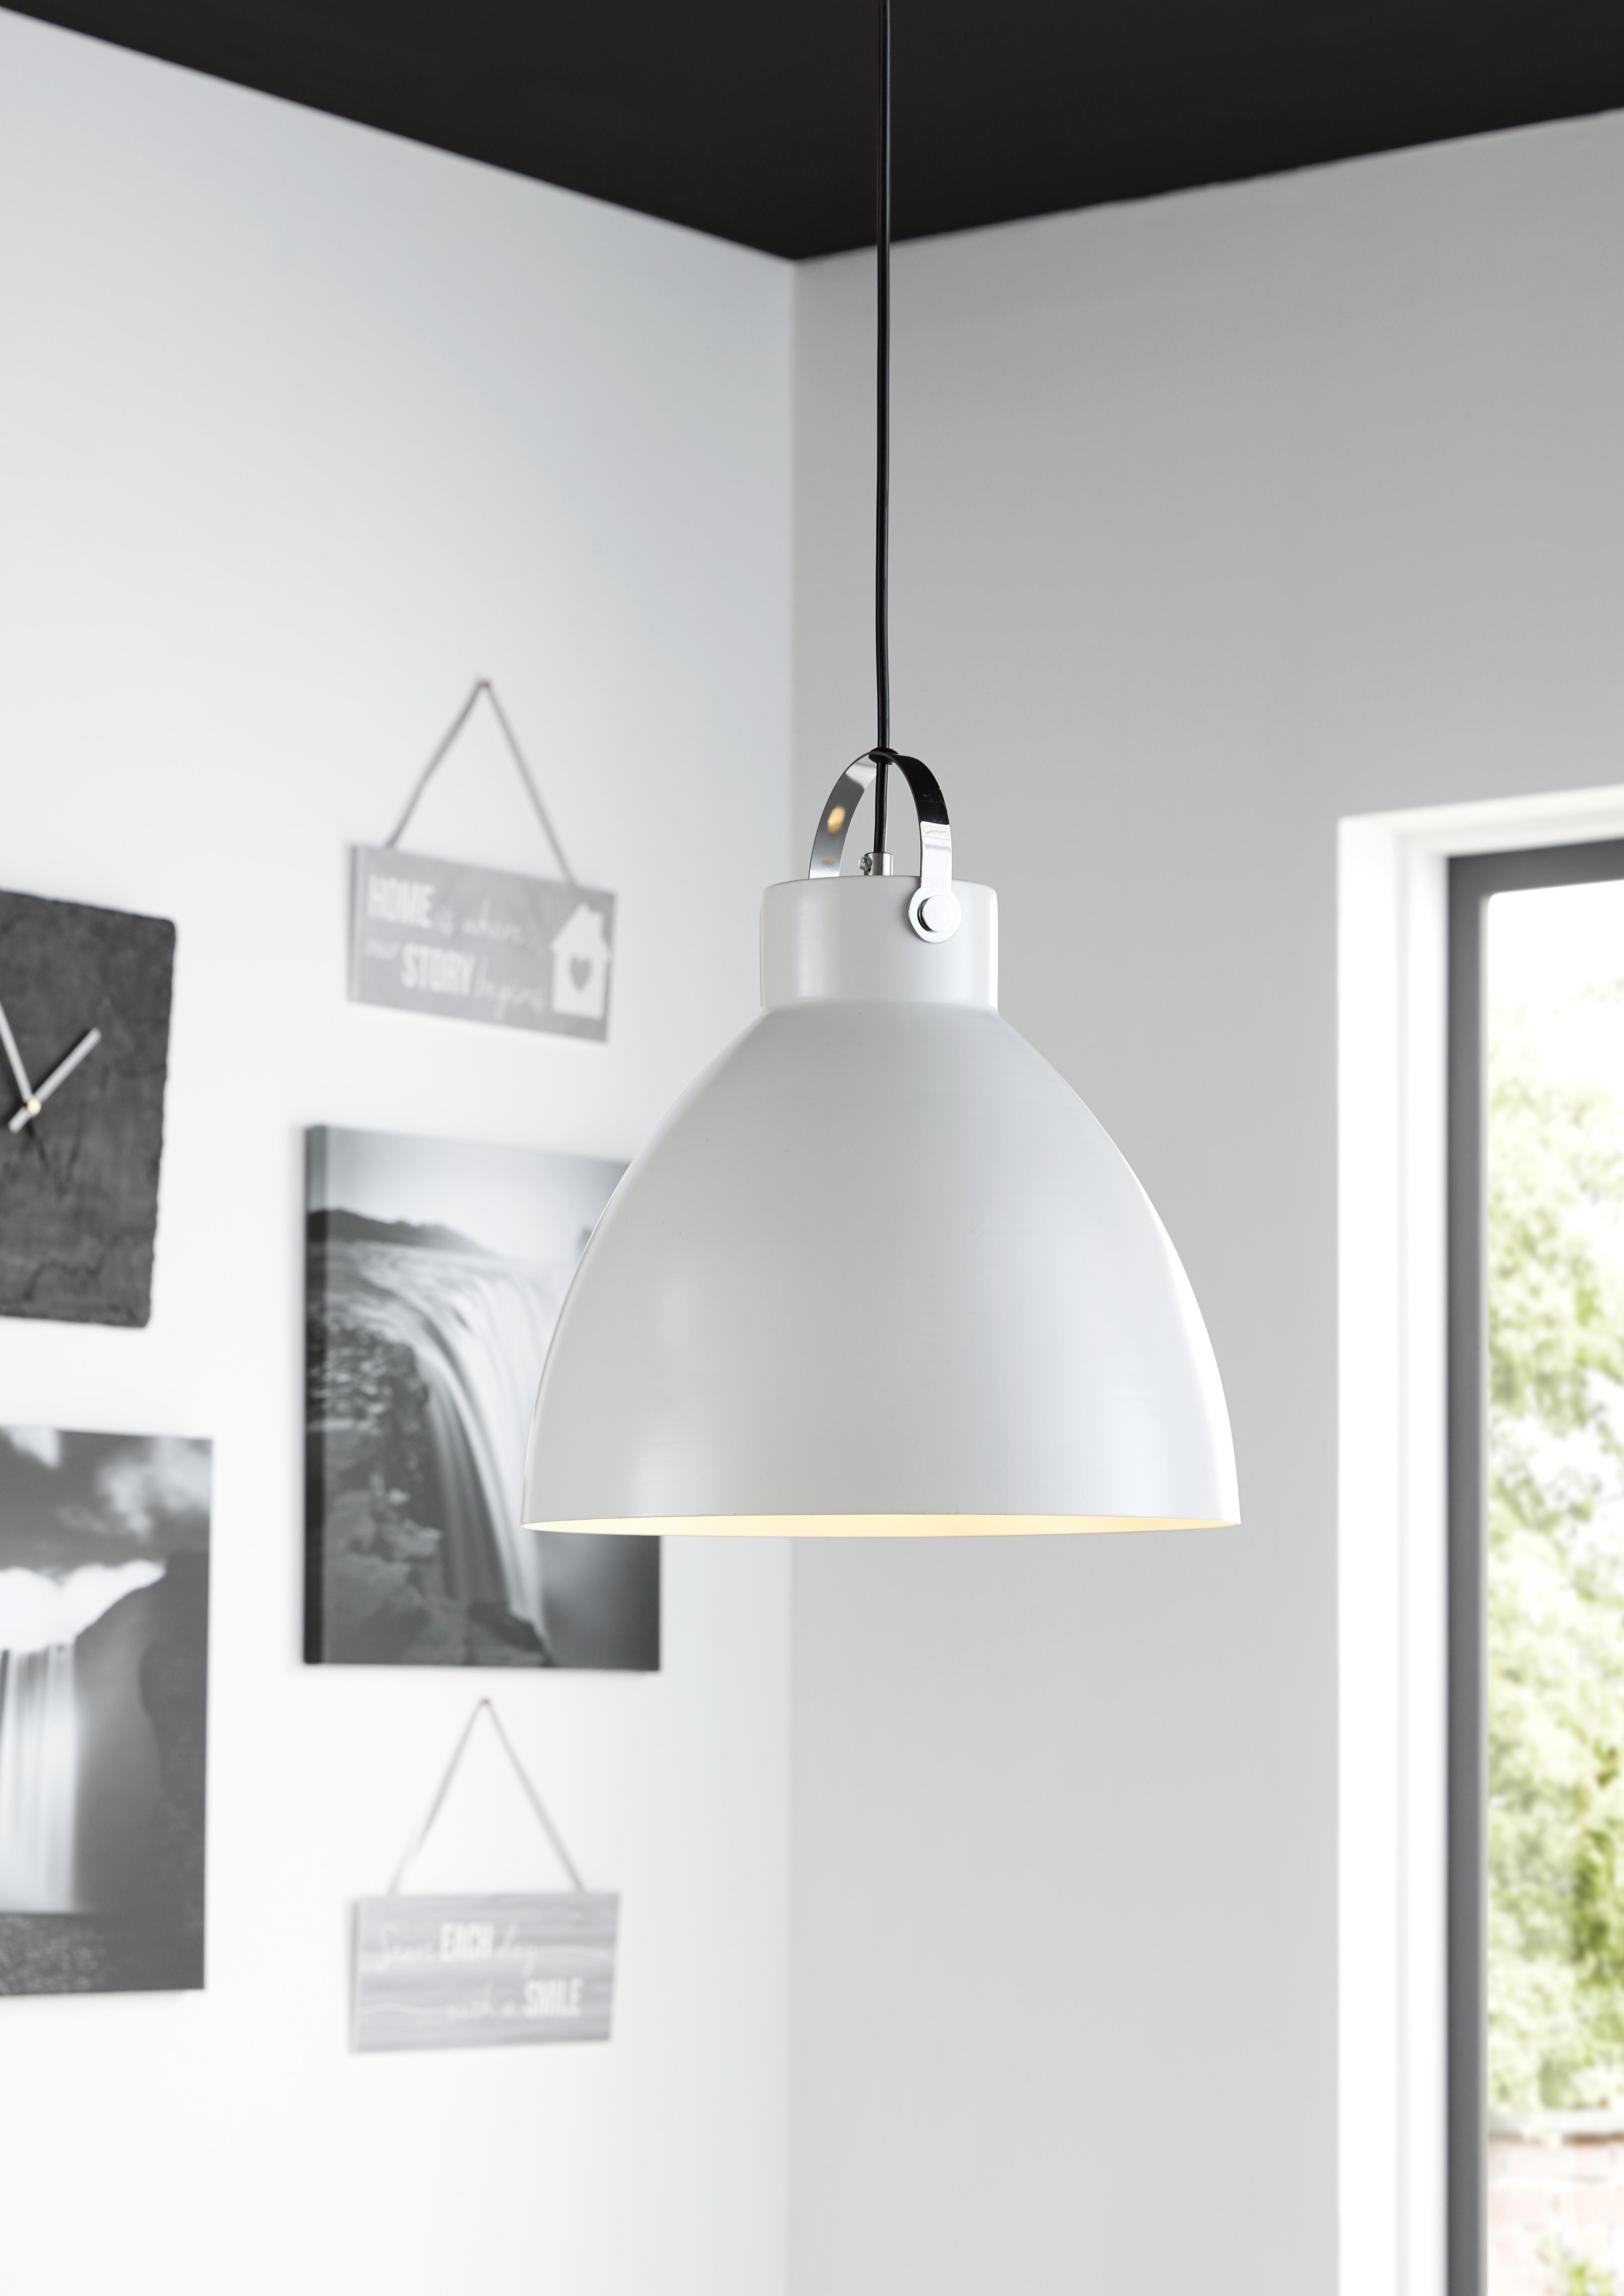 Innenarchitektur wohnzimmer lila tibbon white pendant ceiling light